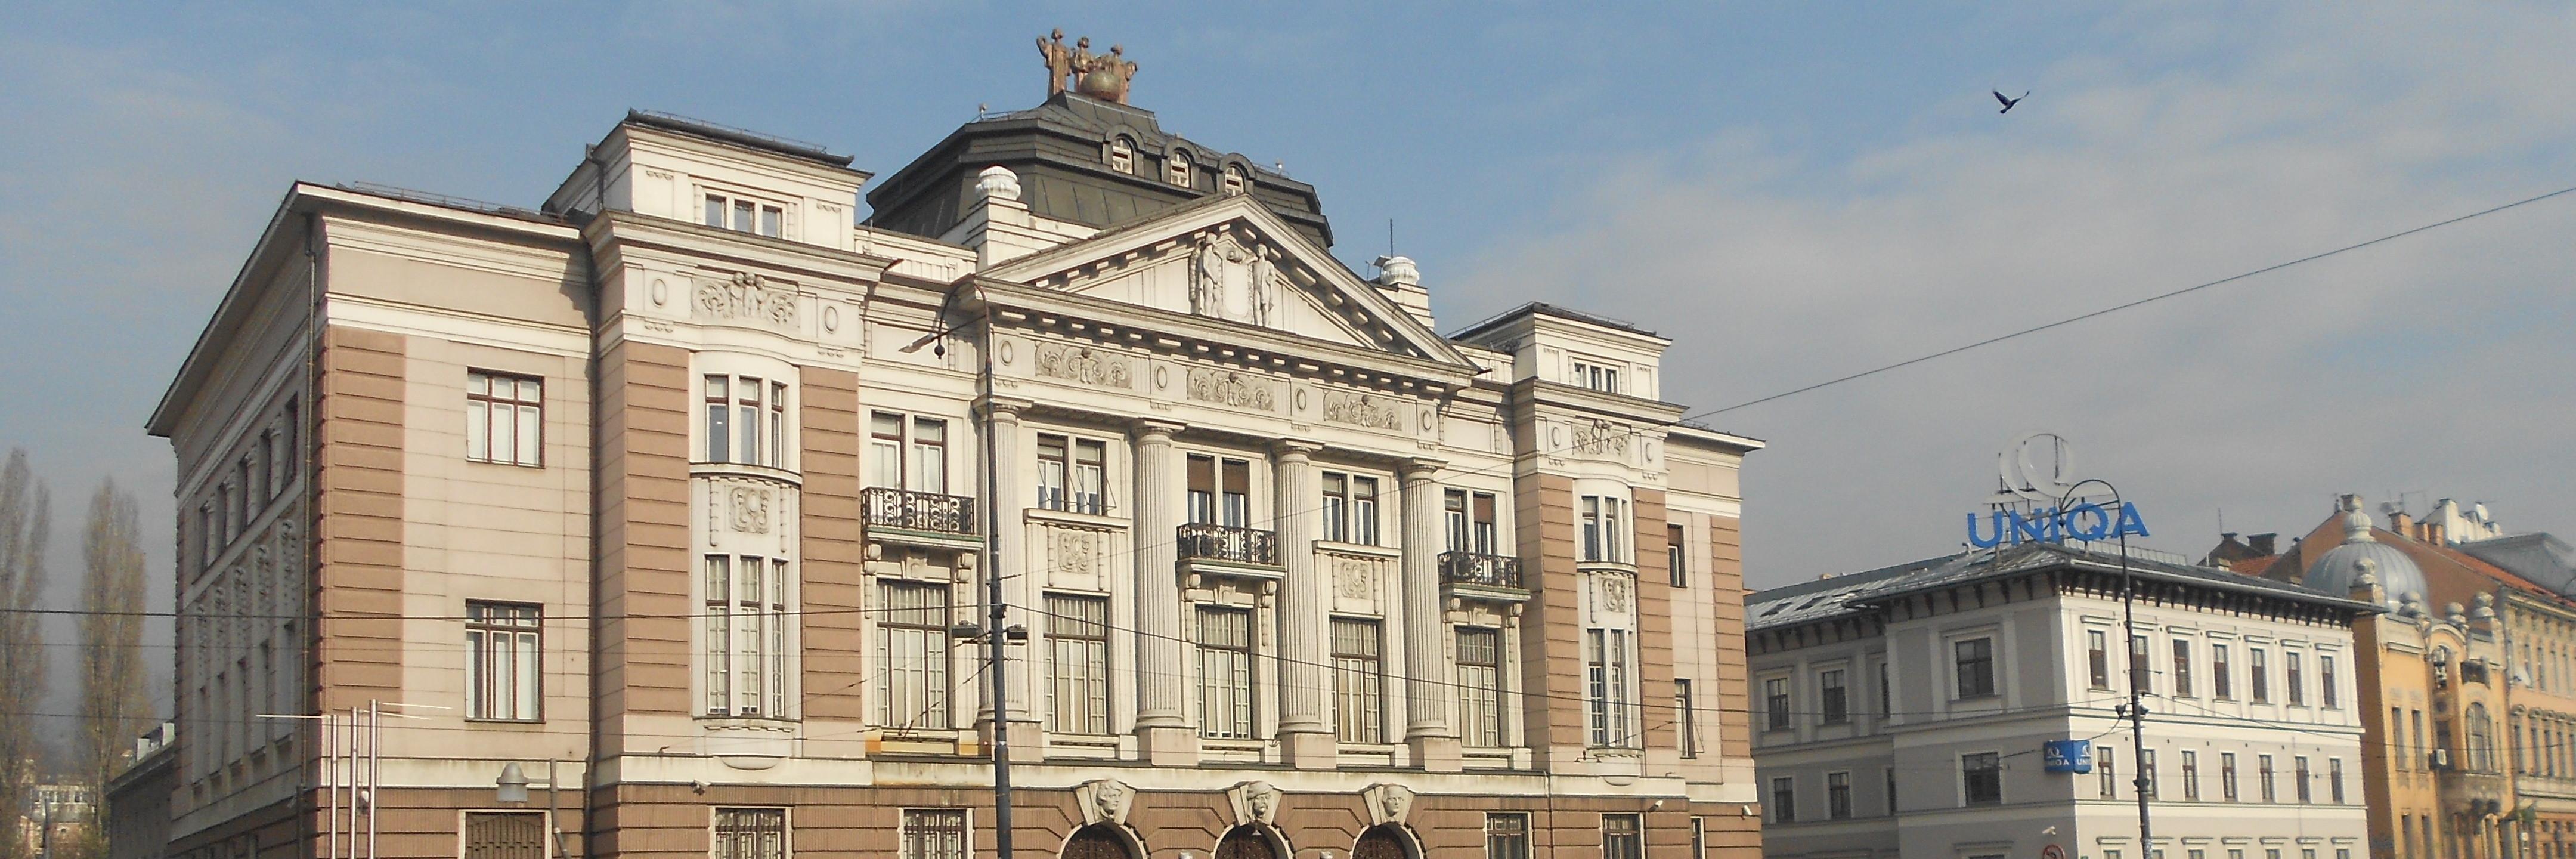 Банк на Обале